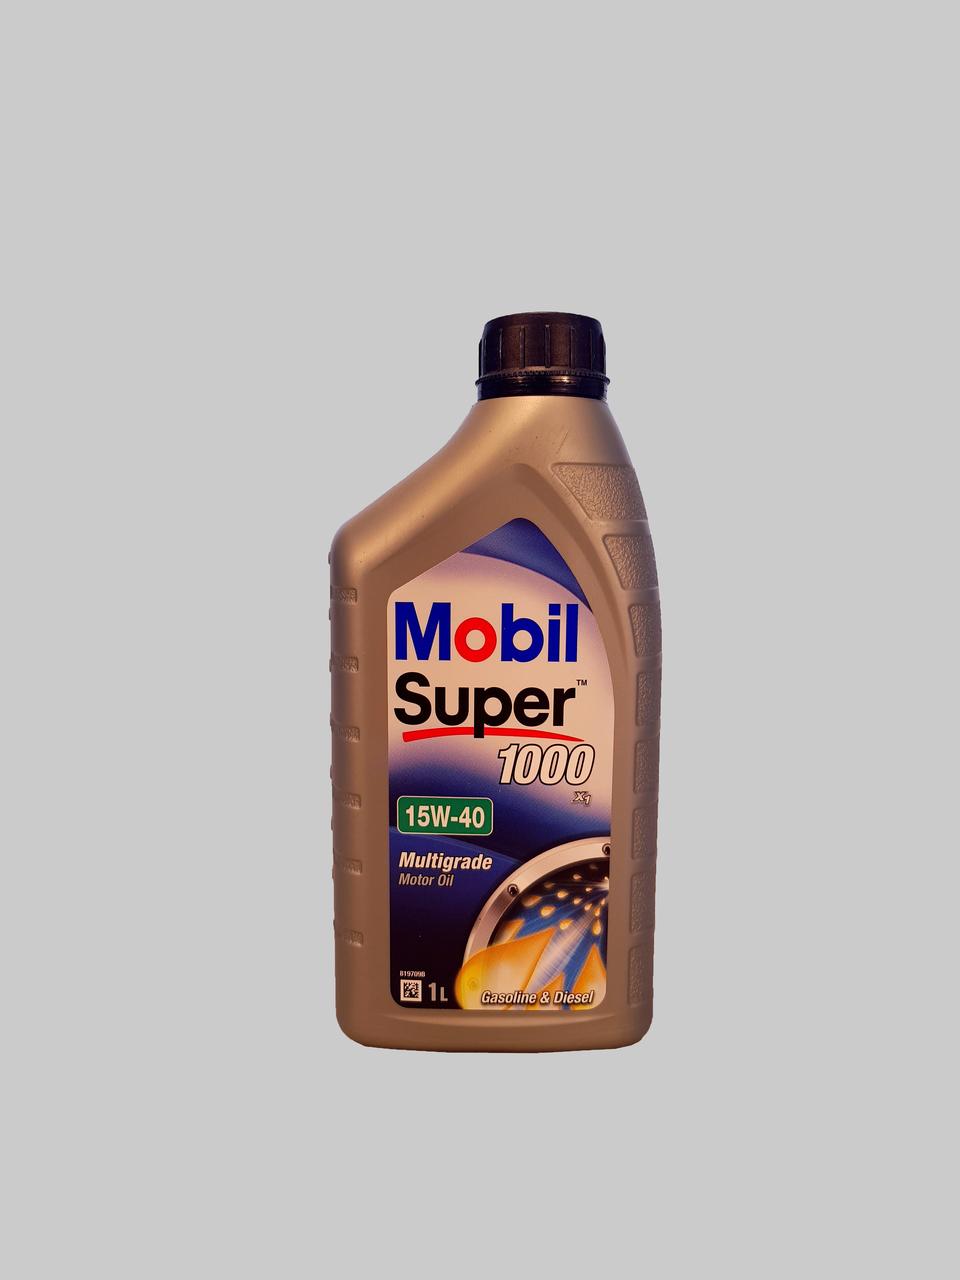 Mobil Super 1000 X1 15W-40 1 Liter